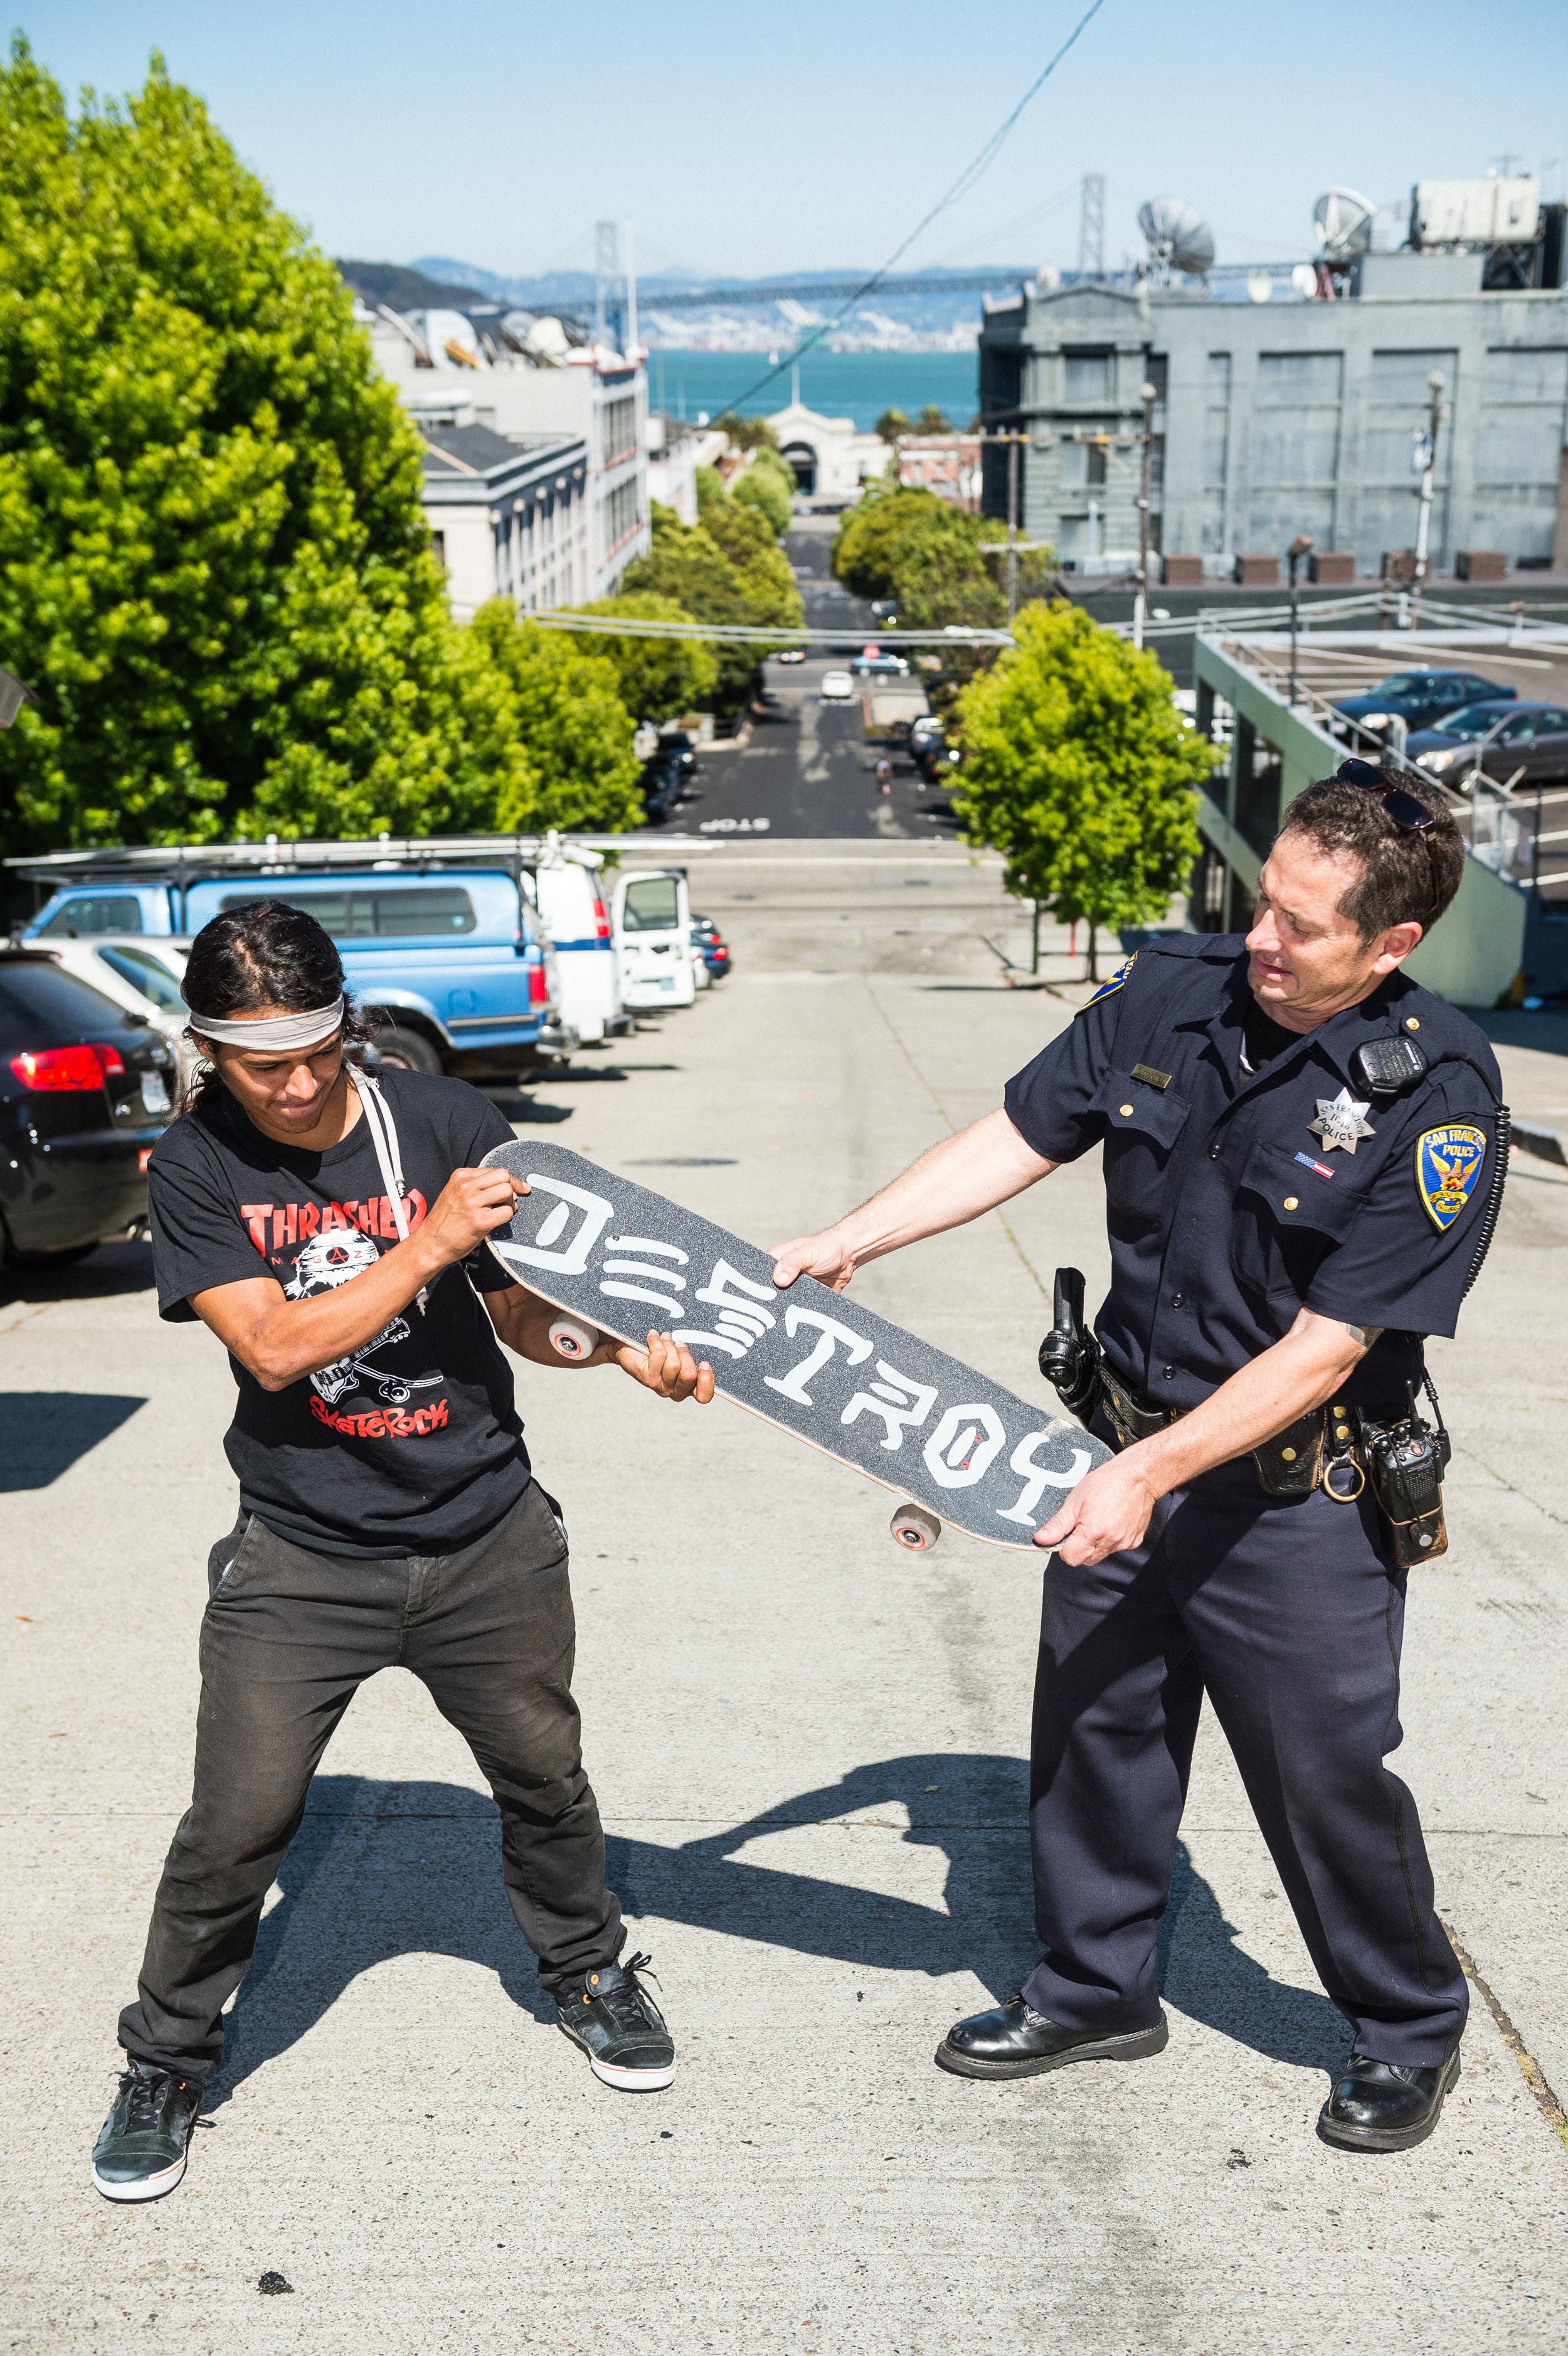 David Gonzalez vs SFPD